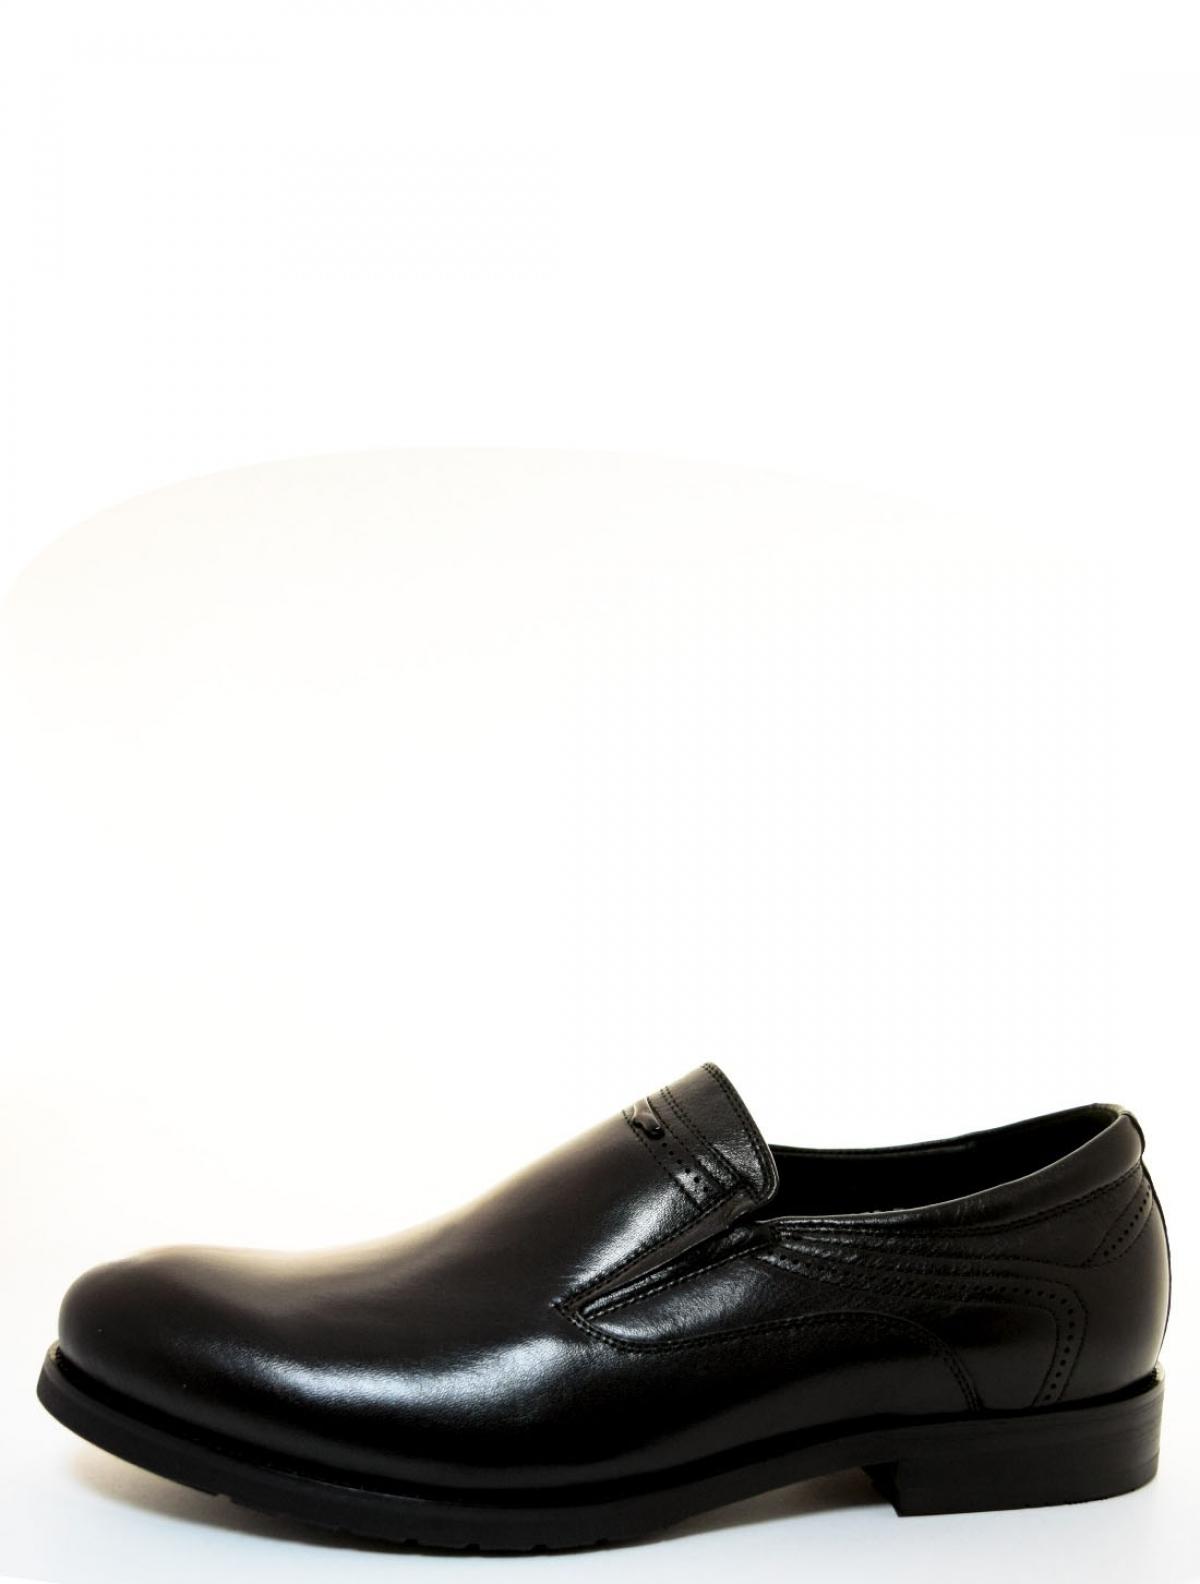 Rosconi TS2807J-748-5146S мужские туфли